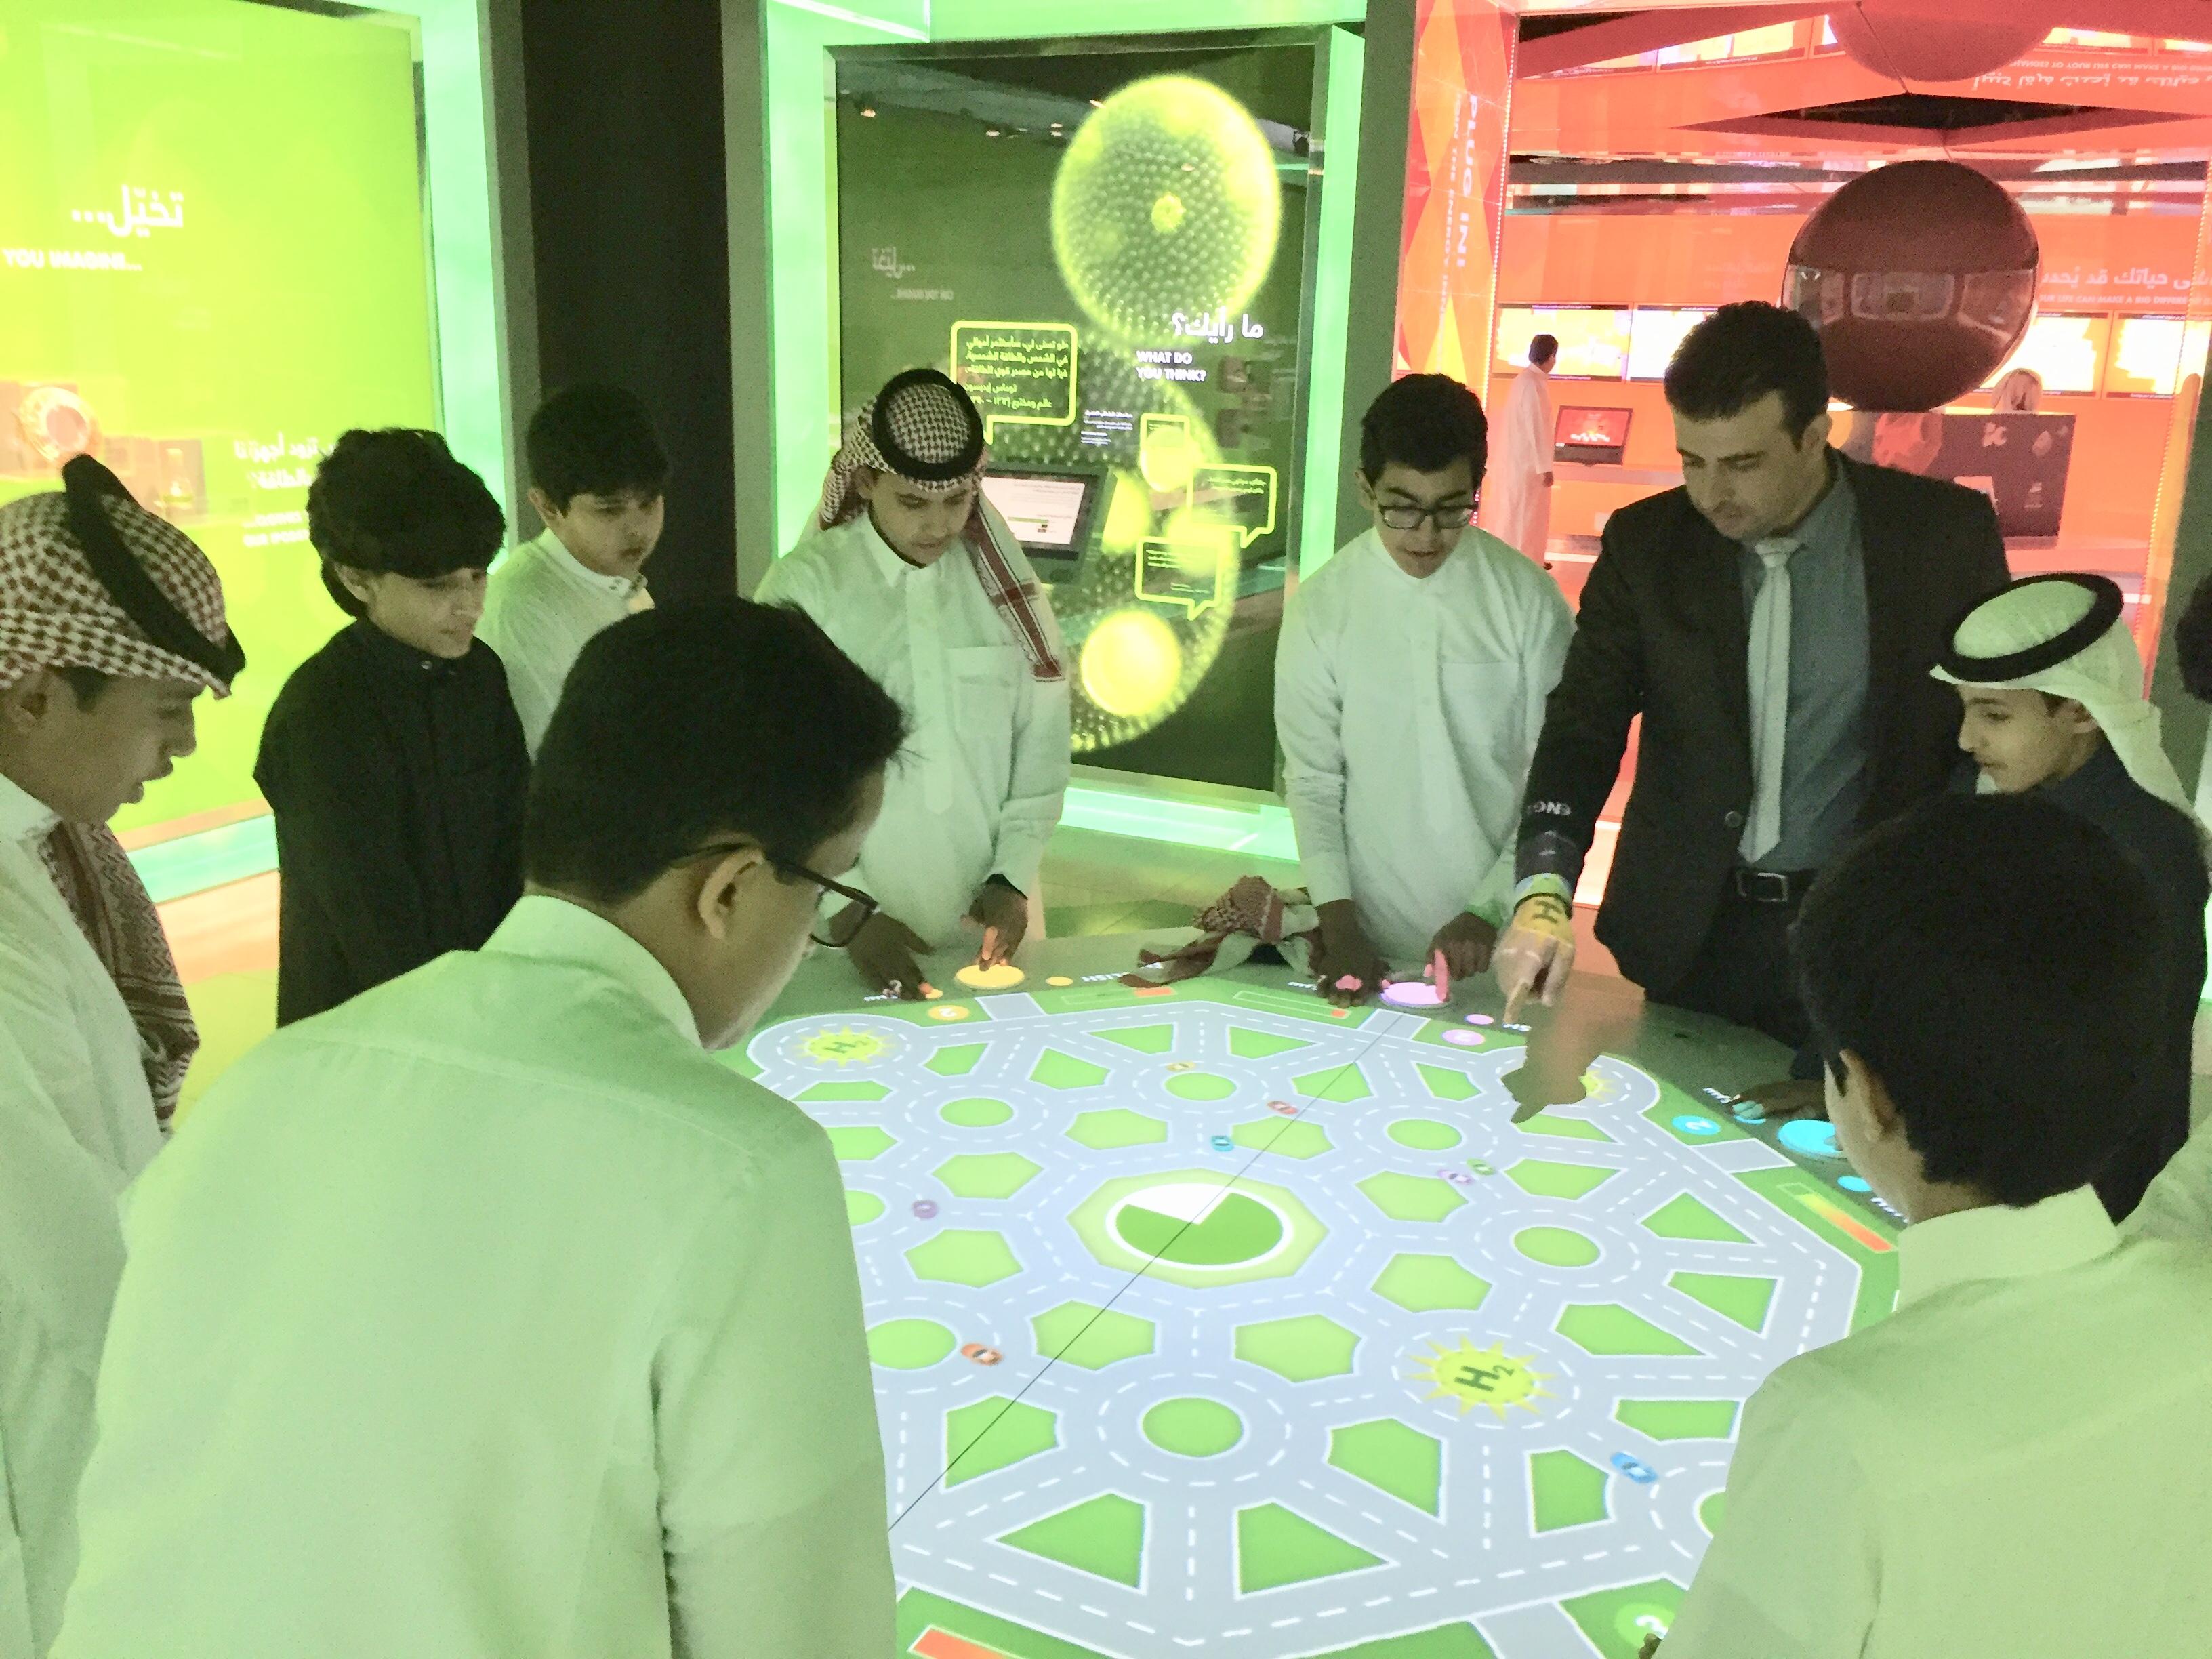 زيارة علمية لمعرض مشكاة بمدينة الملك عبدالله  للطاقة الذرية